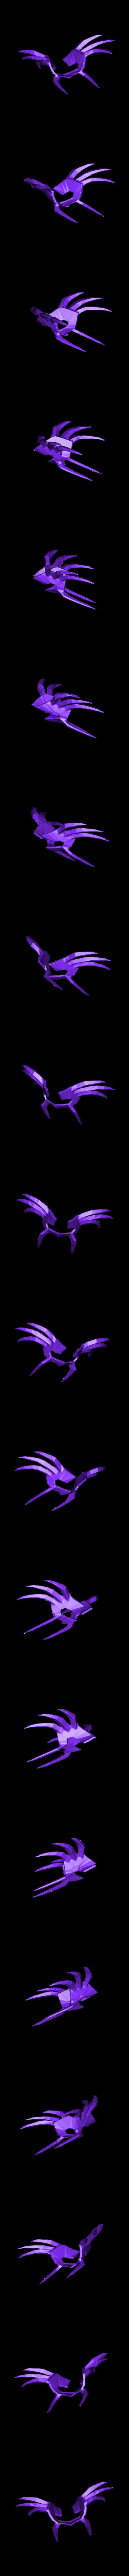 cancer.stl Download STL file saint seiya helmet cancer • 3D printing object, darkangel